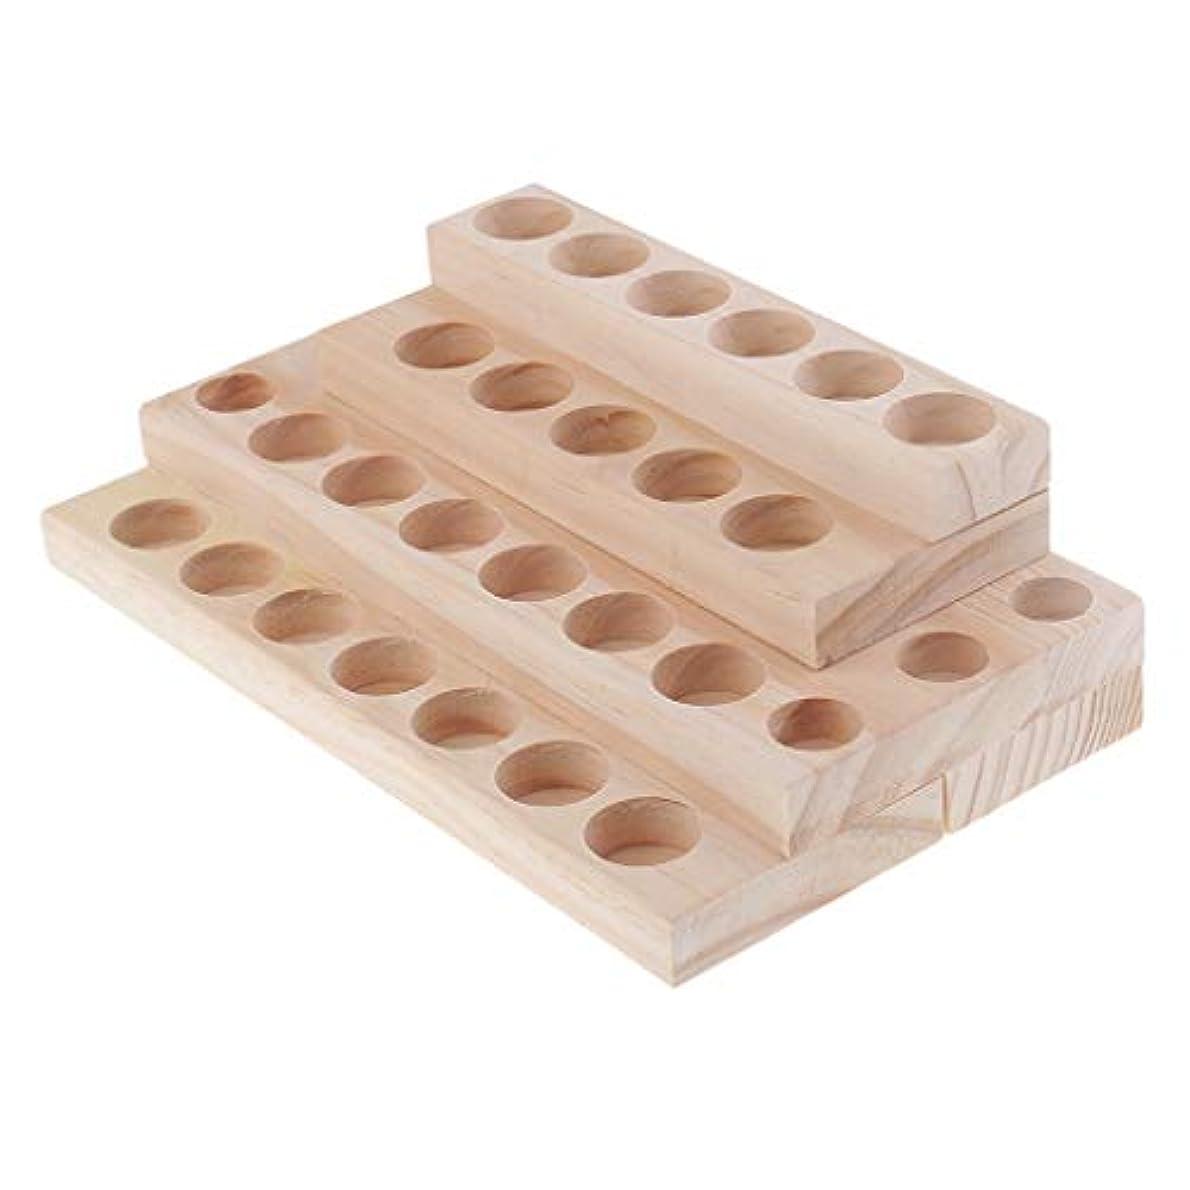 中便益足音D DOLITY 木製 エッセンシャルオイル 展示ラック 精油 オルガナイザー 陳列台 収納用品 4層